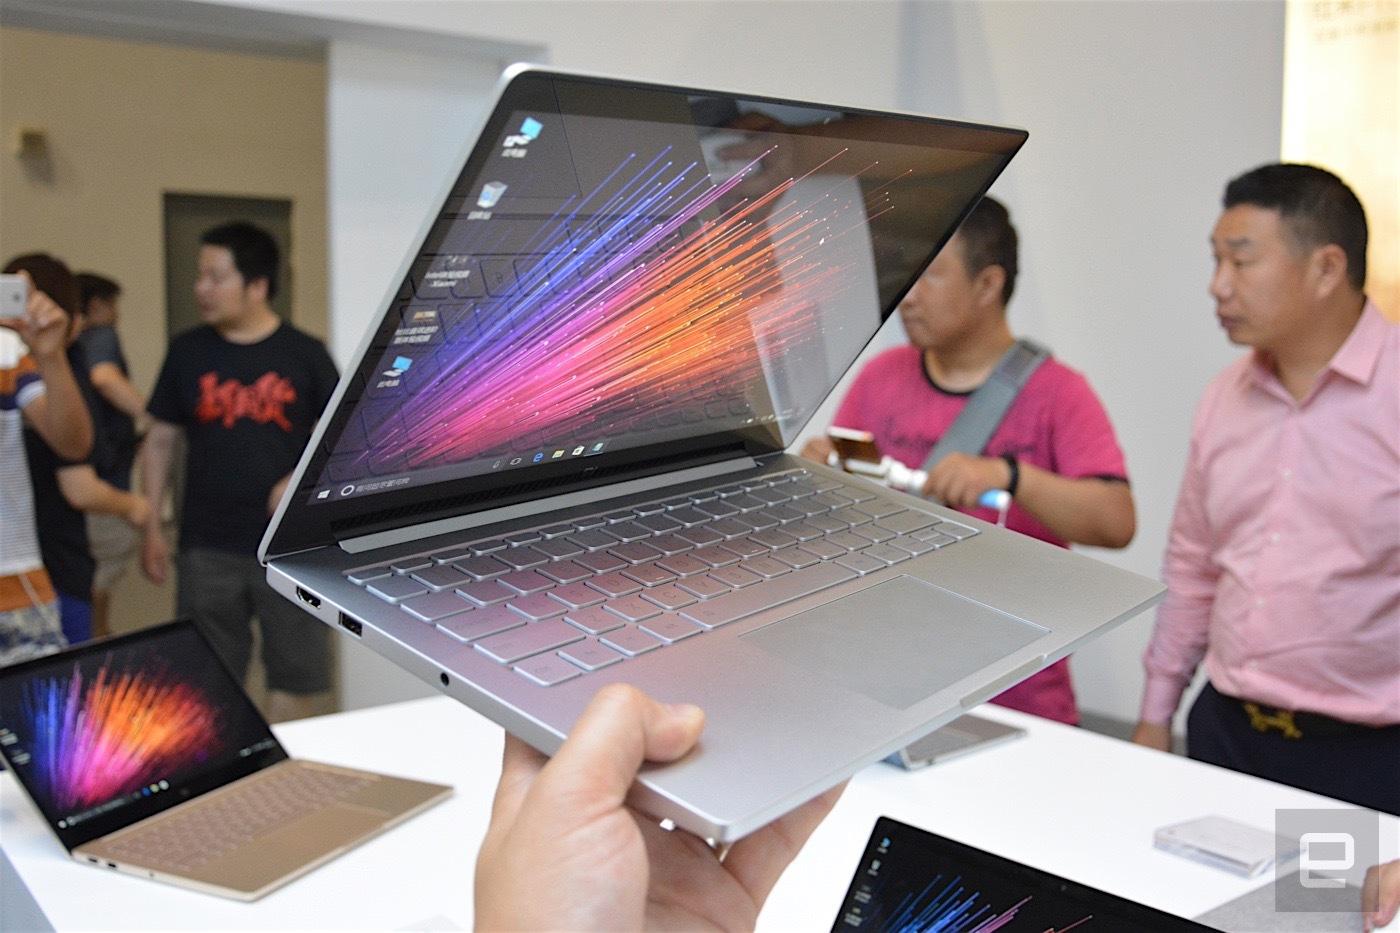 Portatil Xiaomi Mi Notebook Air en la mano grosor